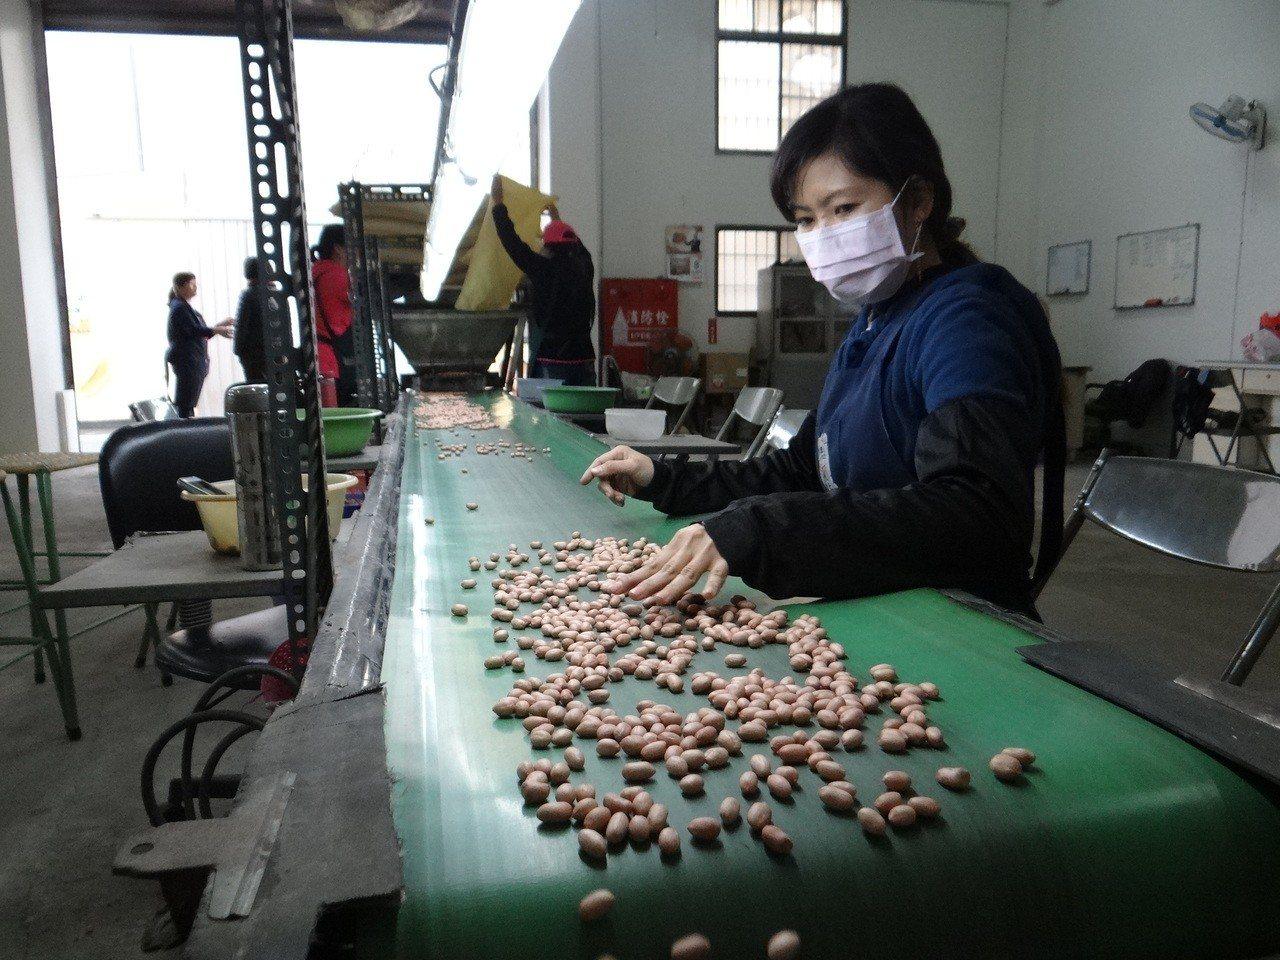 虎尾農會所產的花生產品,除電腦撿土豆,再由人工二度把關,品管十分嚴格。記者蔡維斌...